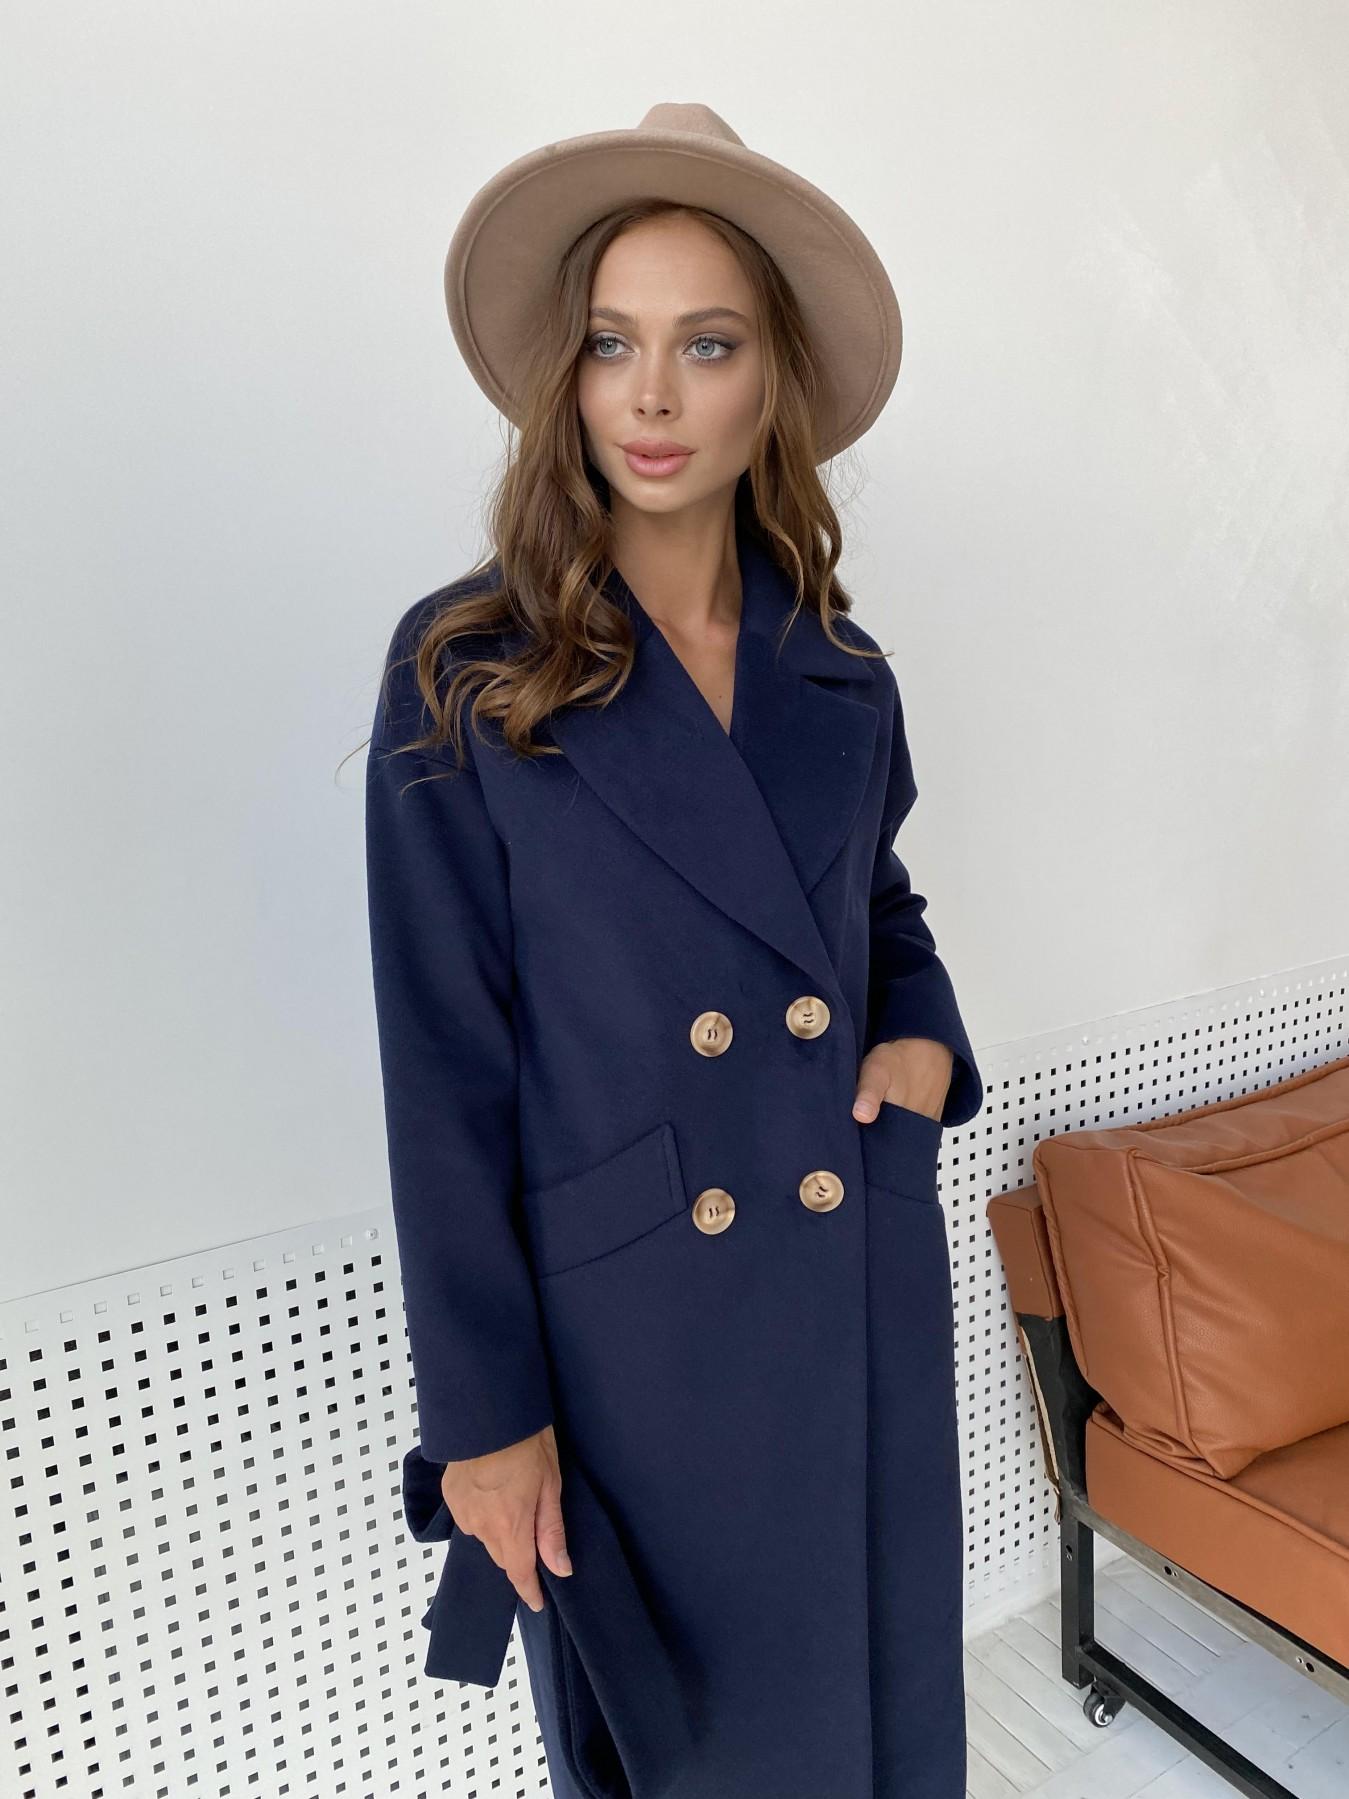 Сенсей пальто макси из кашемира   10309 АРТ. 48360 Цвет: Т.синий - фото 3, интернет магазин tm-modus.ru